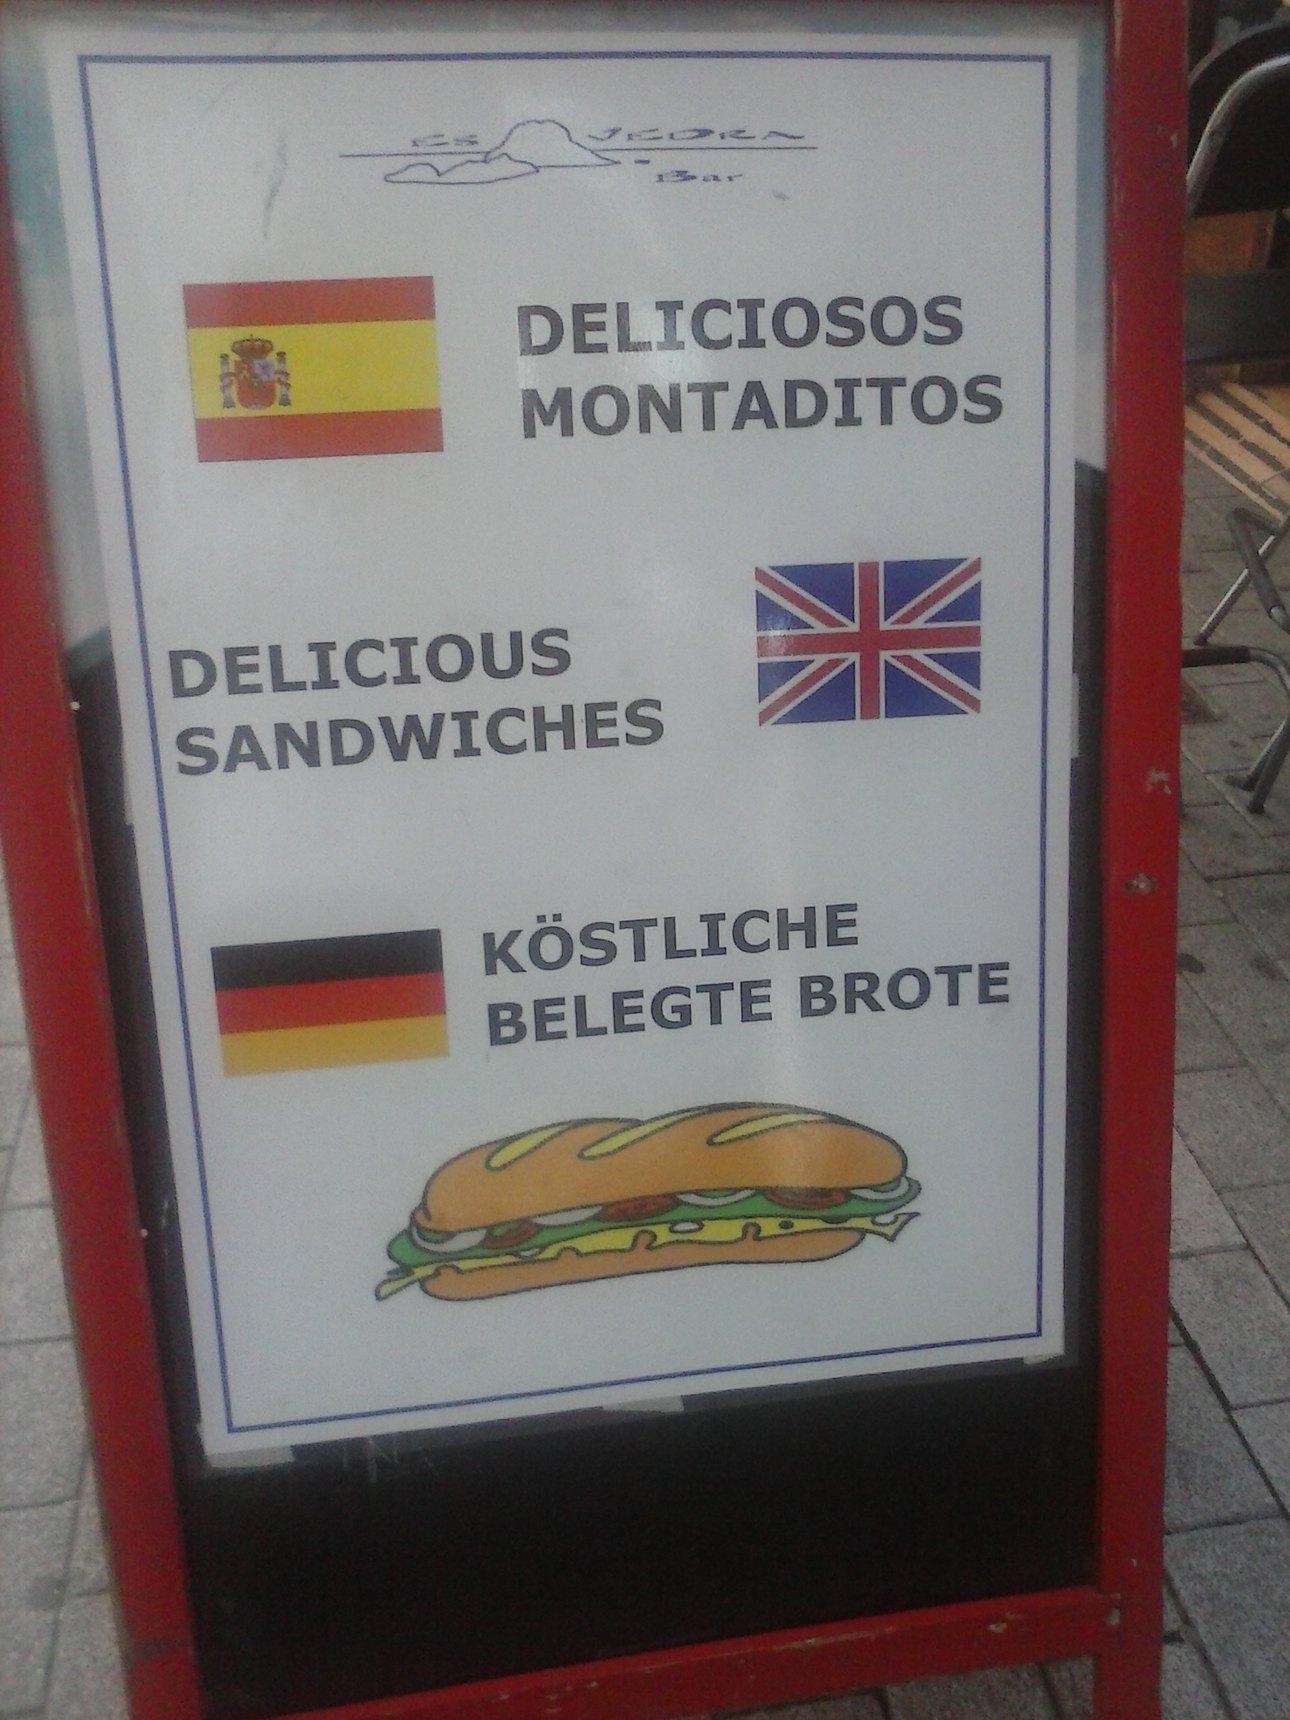 alemanes y sus bonitas palabras - meme